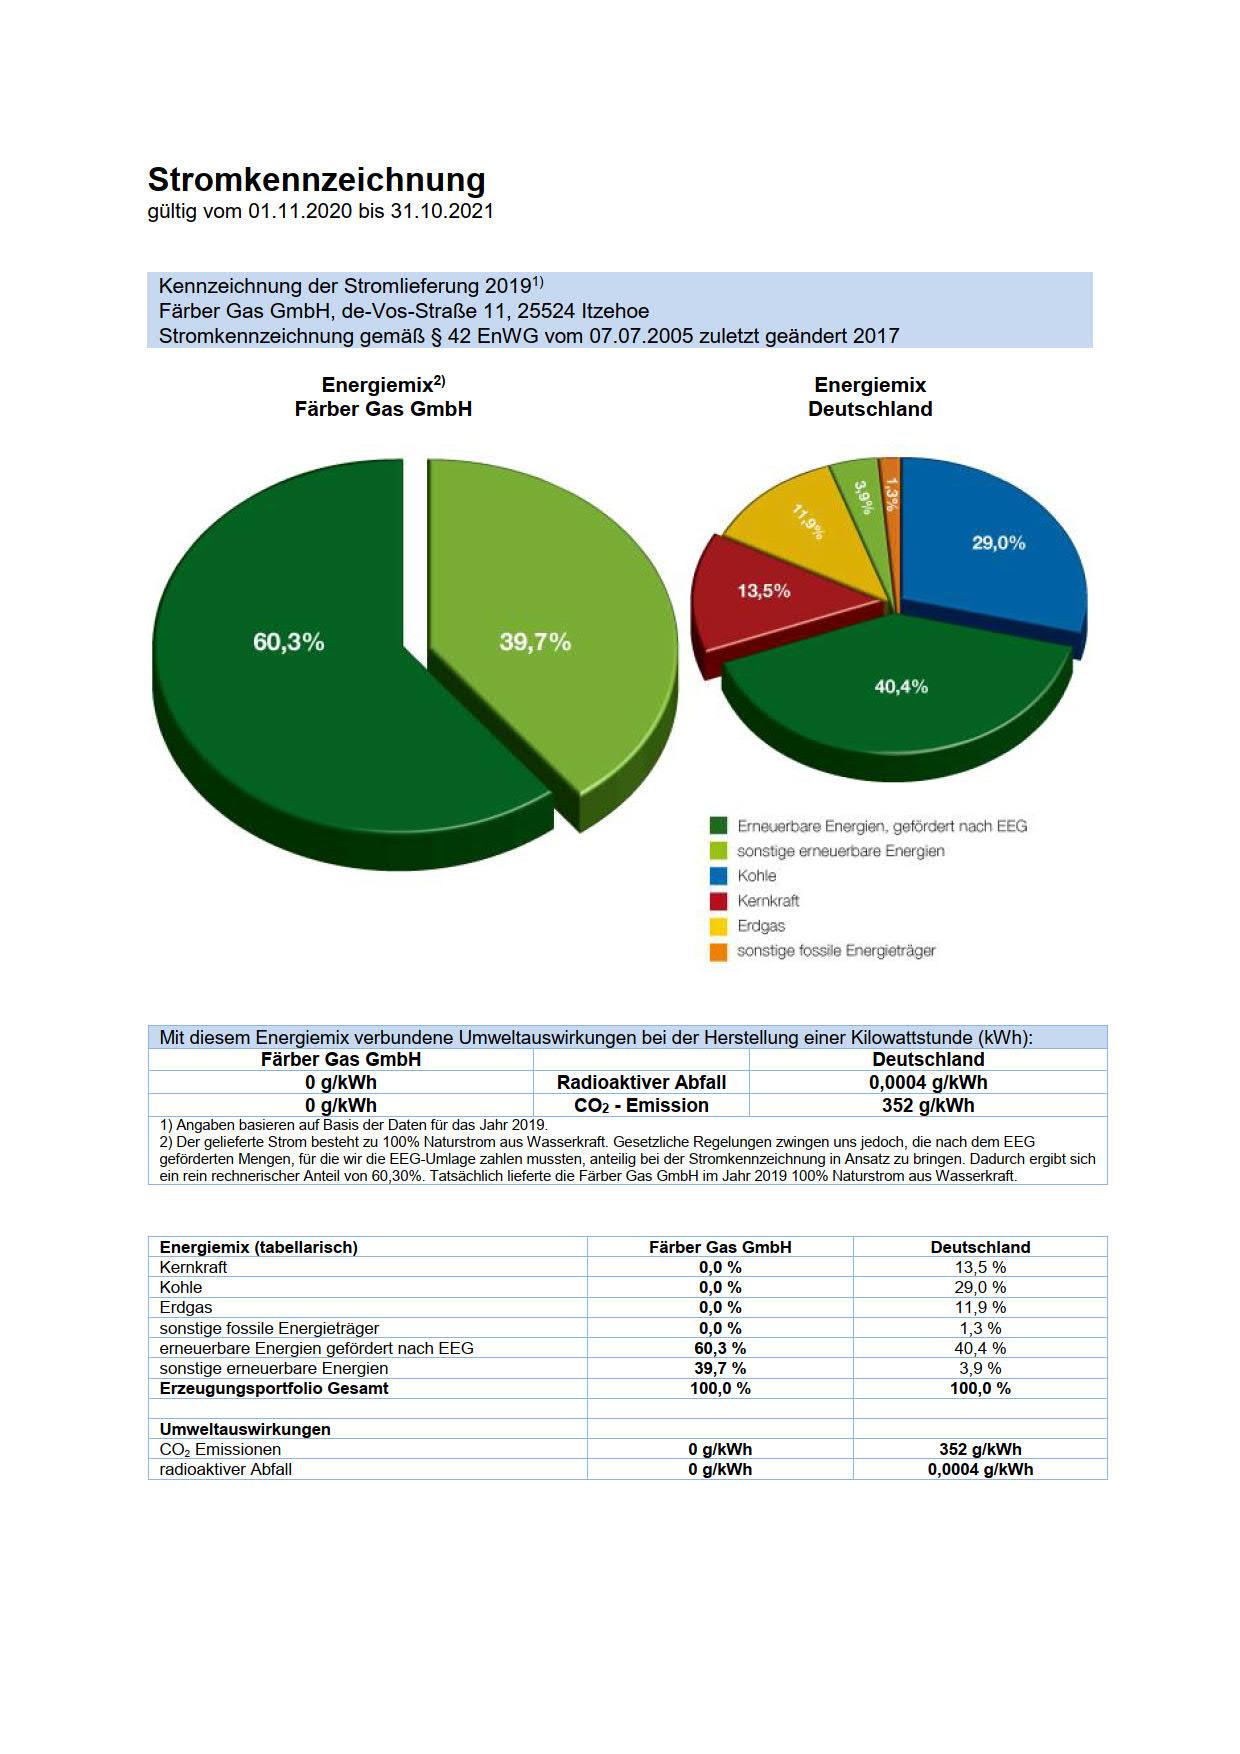 Färber Gas Strom Stromkennzeichnung